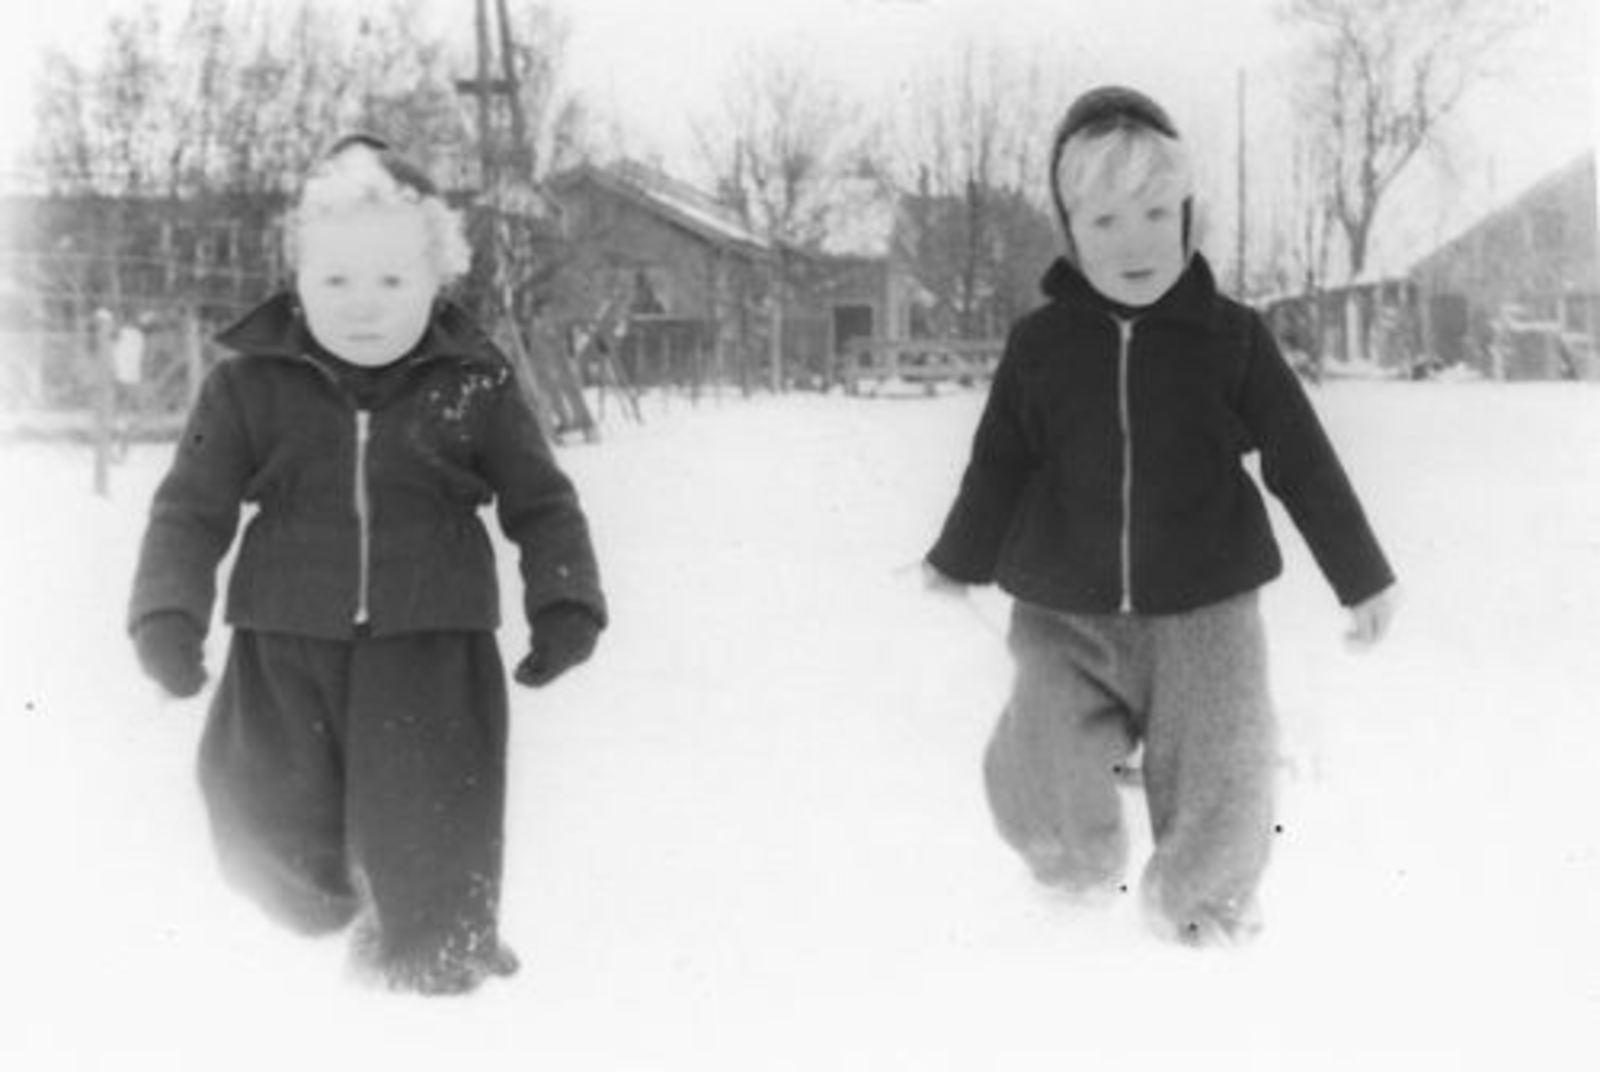 Oude Kruisweg Z 0206 1955± met Rob en Ben Pijpers in de Sneeuw